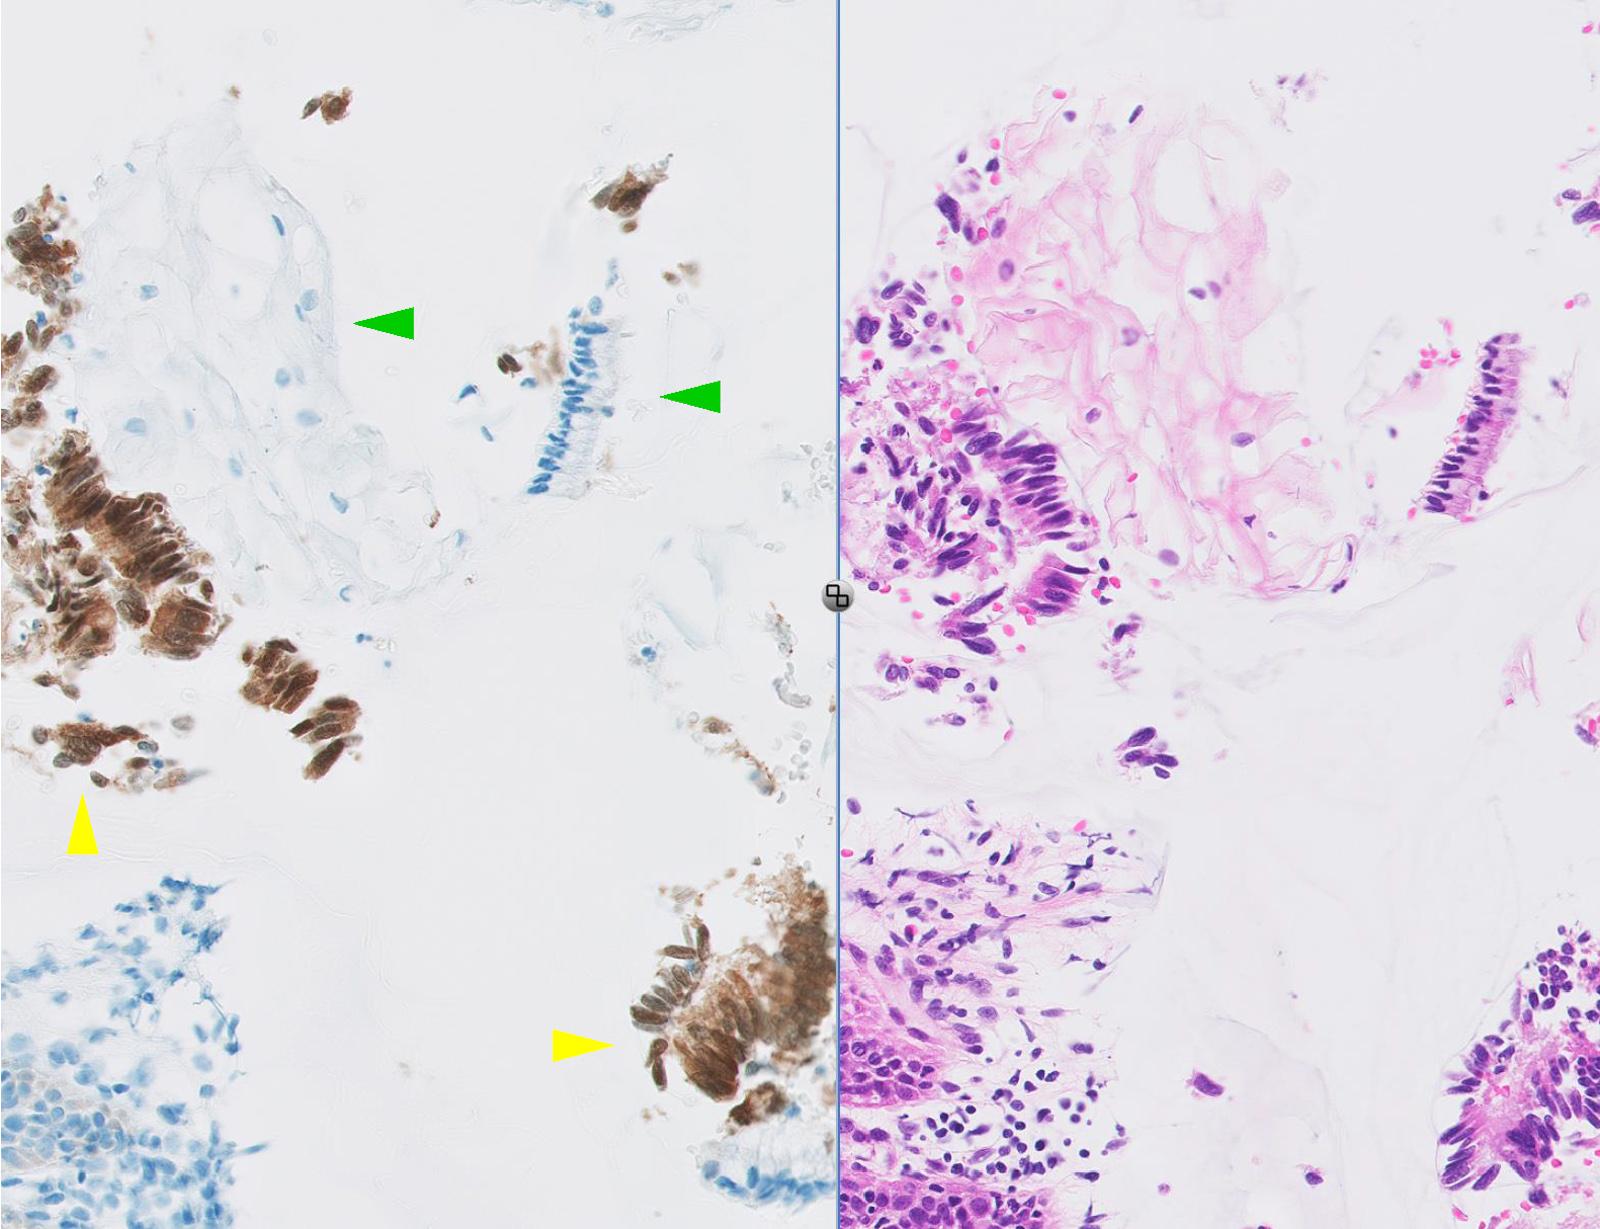 pikkelyes papilloma nyelőcső p16 férgek a gyermekkori kezelés során